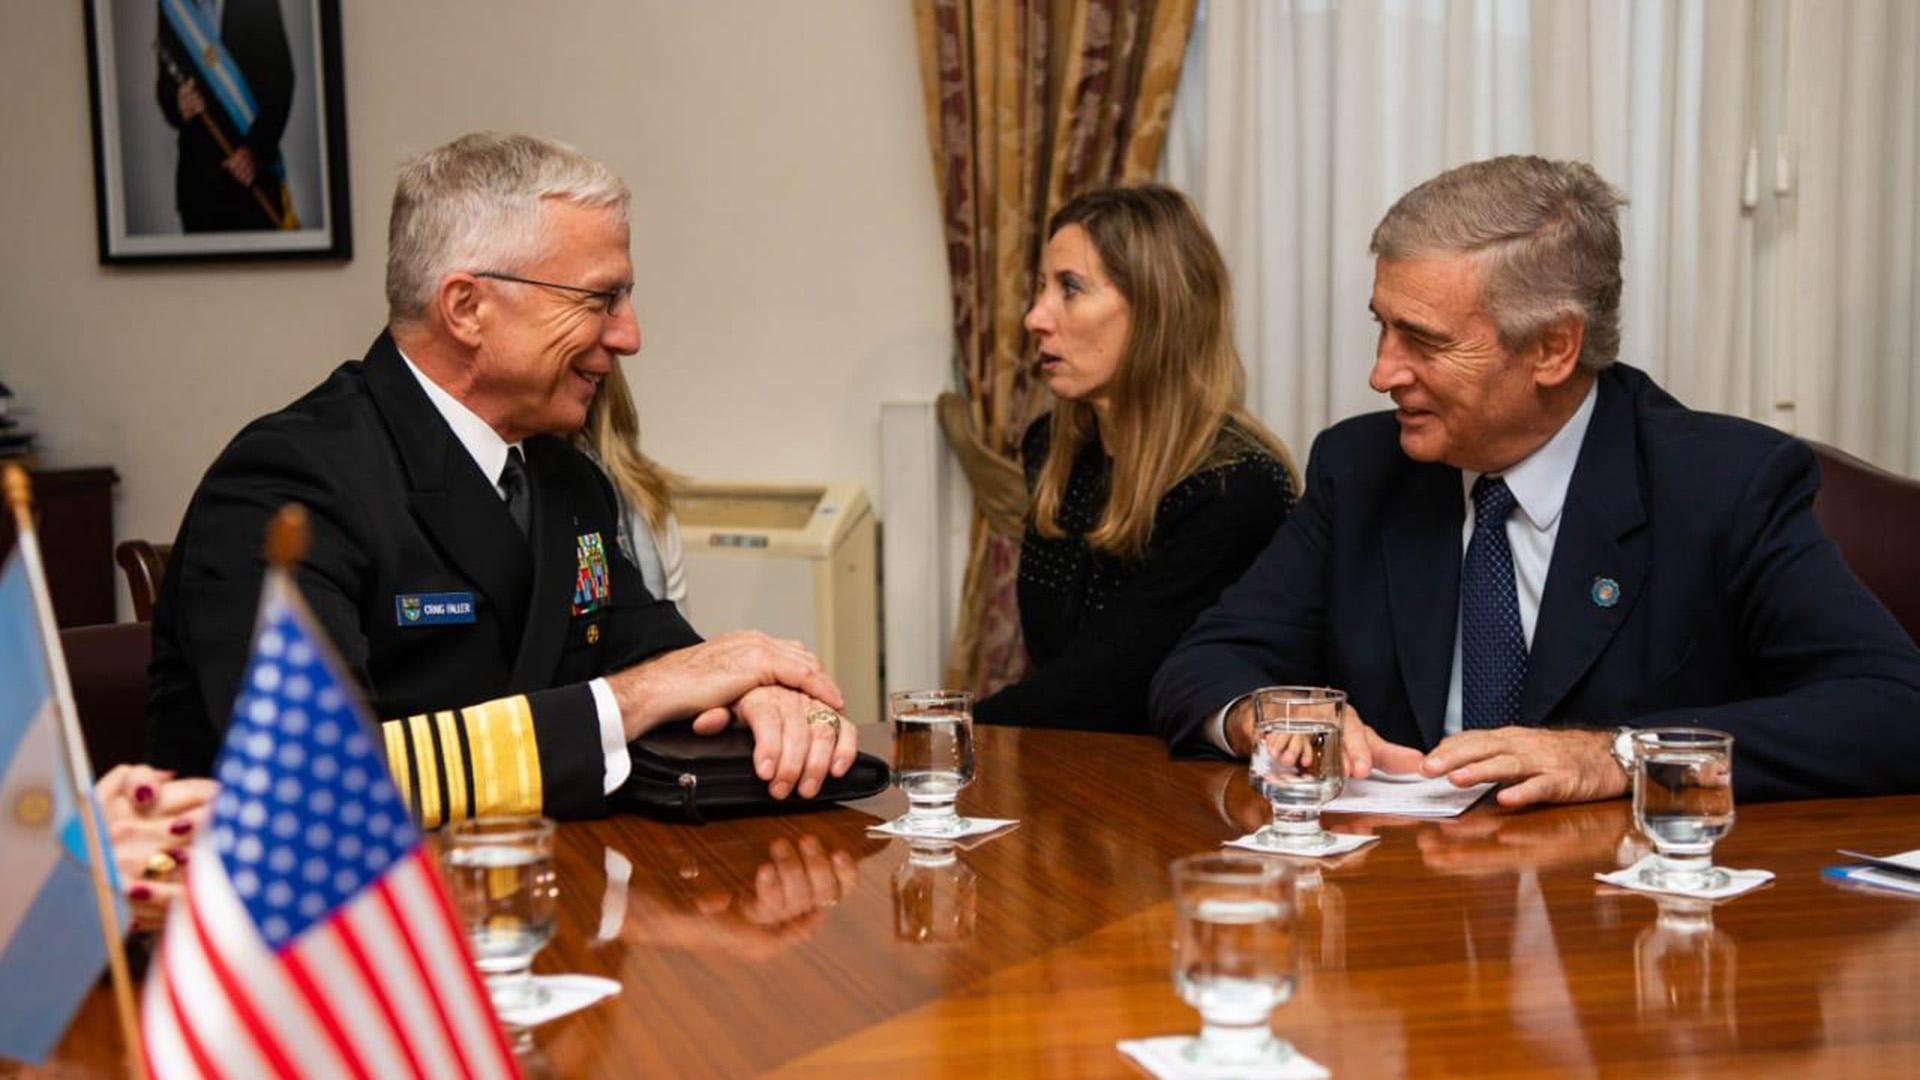 El Jefe del Comando Sur de Estados Unidos, el almirante Craig Faller, reunido con el ministro de defensa argentino Oscar Aguad - Junio 2019